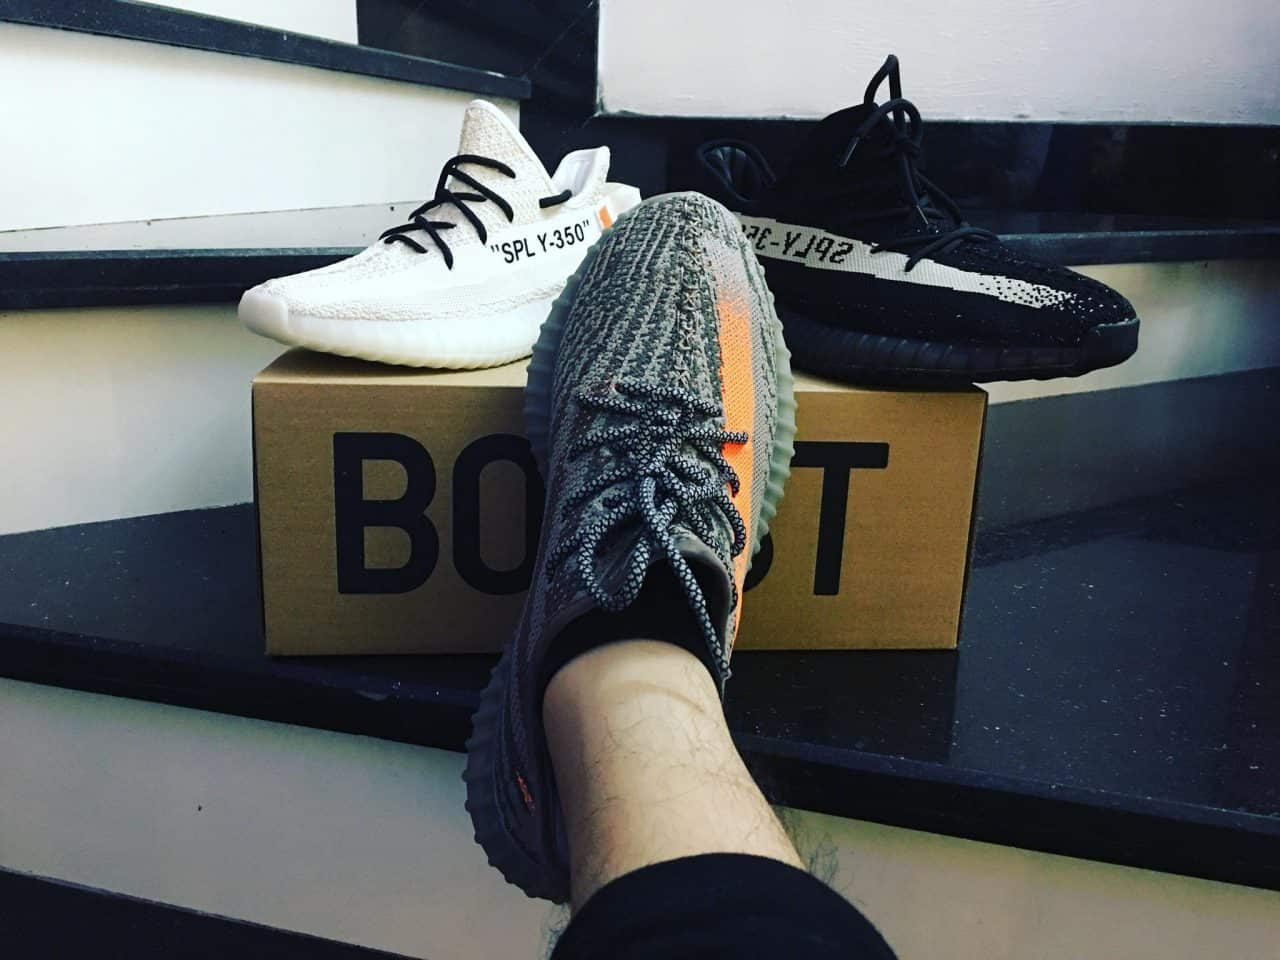 Giày Adidas Yeezy Rep 1:1 giống hàng Authentic đến 95%